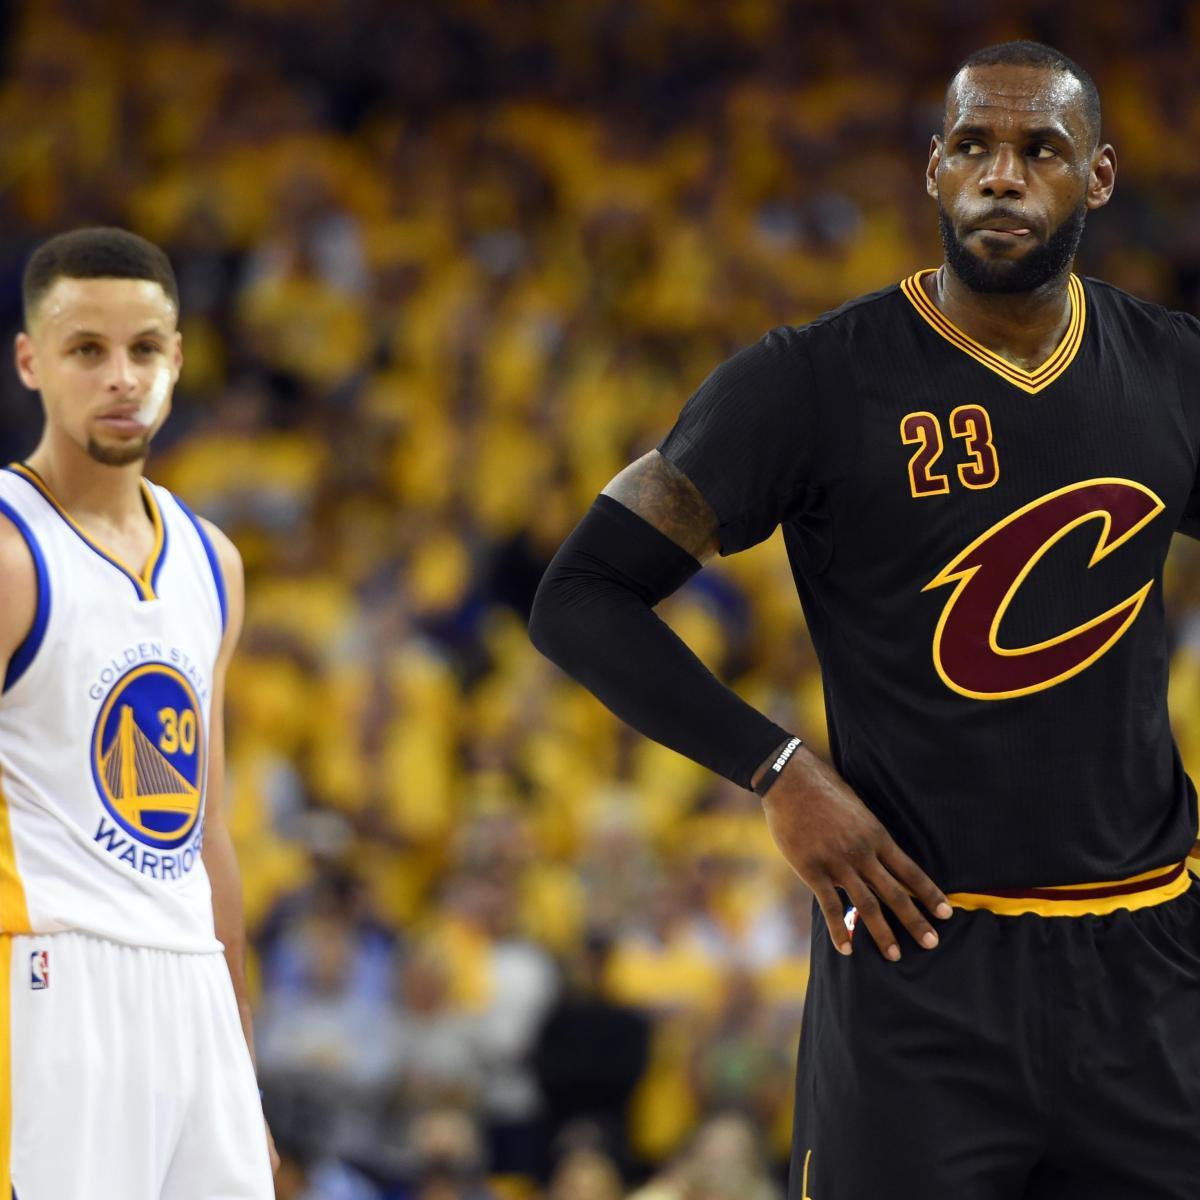 Warriors Game Broadcast Tv: NBA Finals Schedule 2016: Warriors Vs. Cavaliers Game 6 TV